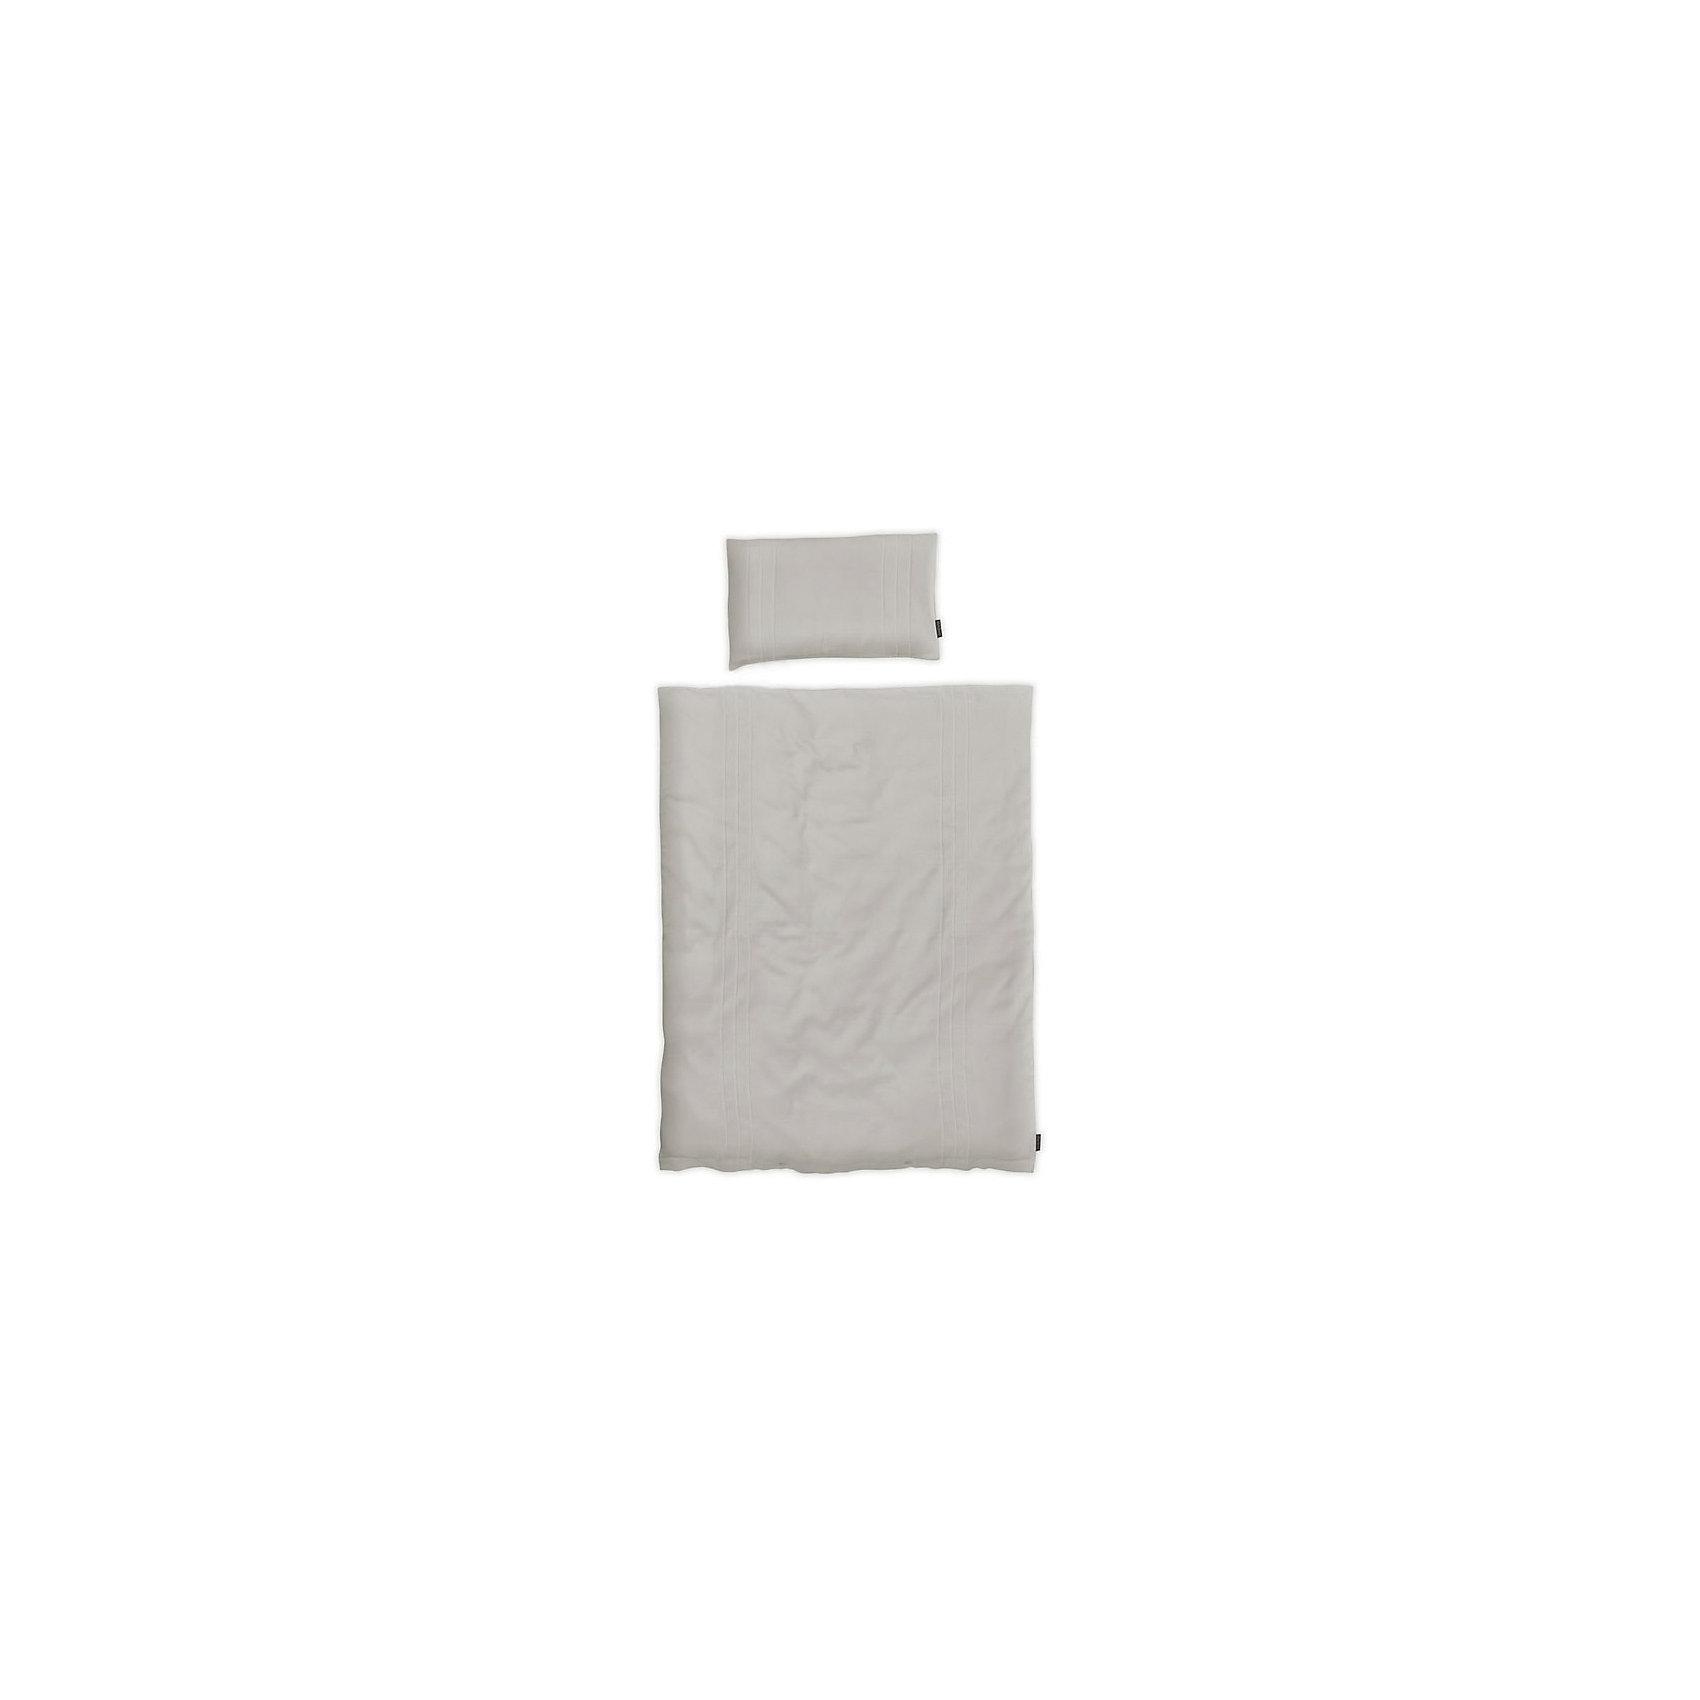 Постельное белье Marble Grey 2 пред., Elodie DetailsКомплект постельного белья;Elodie;Details;   Комплект включает пододеяльник 100х130 см и наволочку 35 х;55 см. Сделаны они из невероятно гладкого и мягкого 100% органического хлопка-перкаль. Хлопок имеет сертификацию GOTS, вырос без использования вредных химических веществ. Подходит к большинству стандартных кроваток и является отличным выбором для малышей, которые действительно заслуживают только самого лучшего.;   К комплектам постельного белья;Elodie;Details подходят;анатомические подушки;Traumeland.   Коллекцию Marble Grey отличают благородные серые цвета: в однотонном варианте и в виде необычного мраморного принта. Серый цвет придает изысканность и утонченность любому образу, он отлично сочетается с яркими аксессуарами и позволяет экспериментировать, создавая смелые модные ансамбли. А кроме прочего, серый цвет универсален и подходит как мальчику, так и девочке.<br><br>Ширина мм: 390<br>Глубина мм: 270<br>Высота мм: 20<br>Вес г: 558<br>Возраст от месяцев: 0<br>Возраст до месяцев: 36<br>Пол: Мужской<br>Возраст: Детский<br>SKU: 4966099